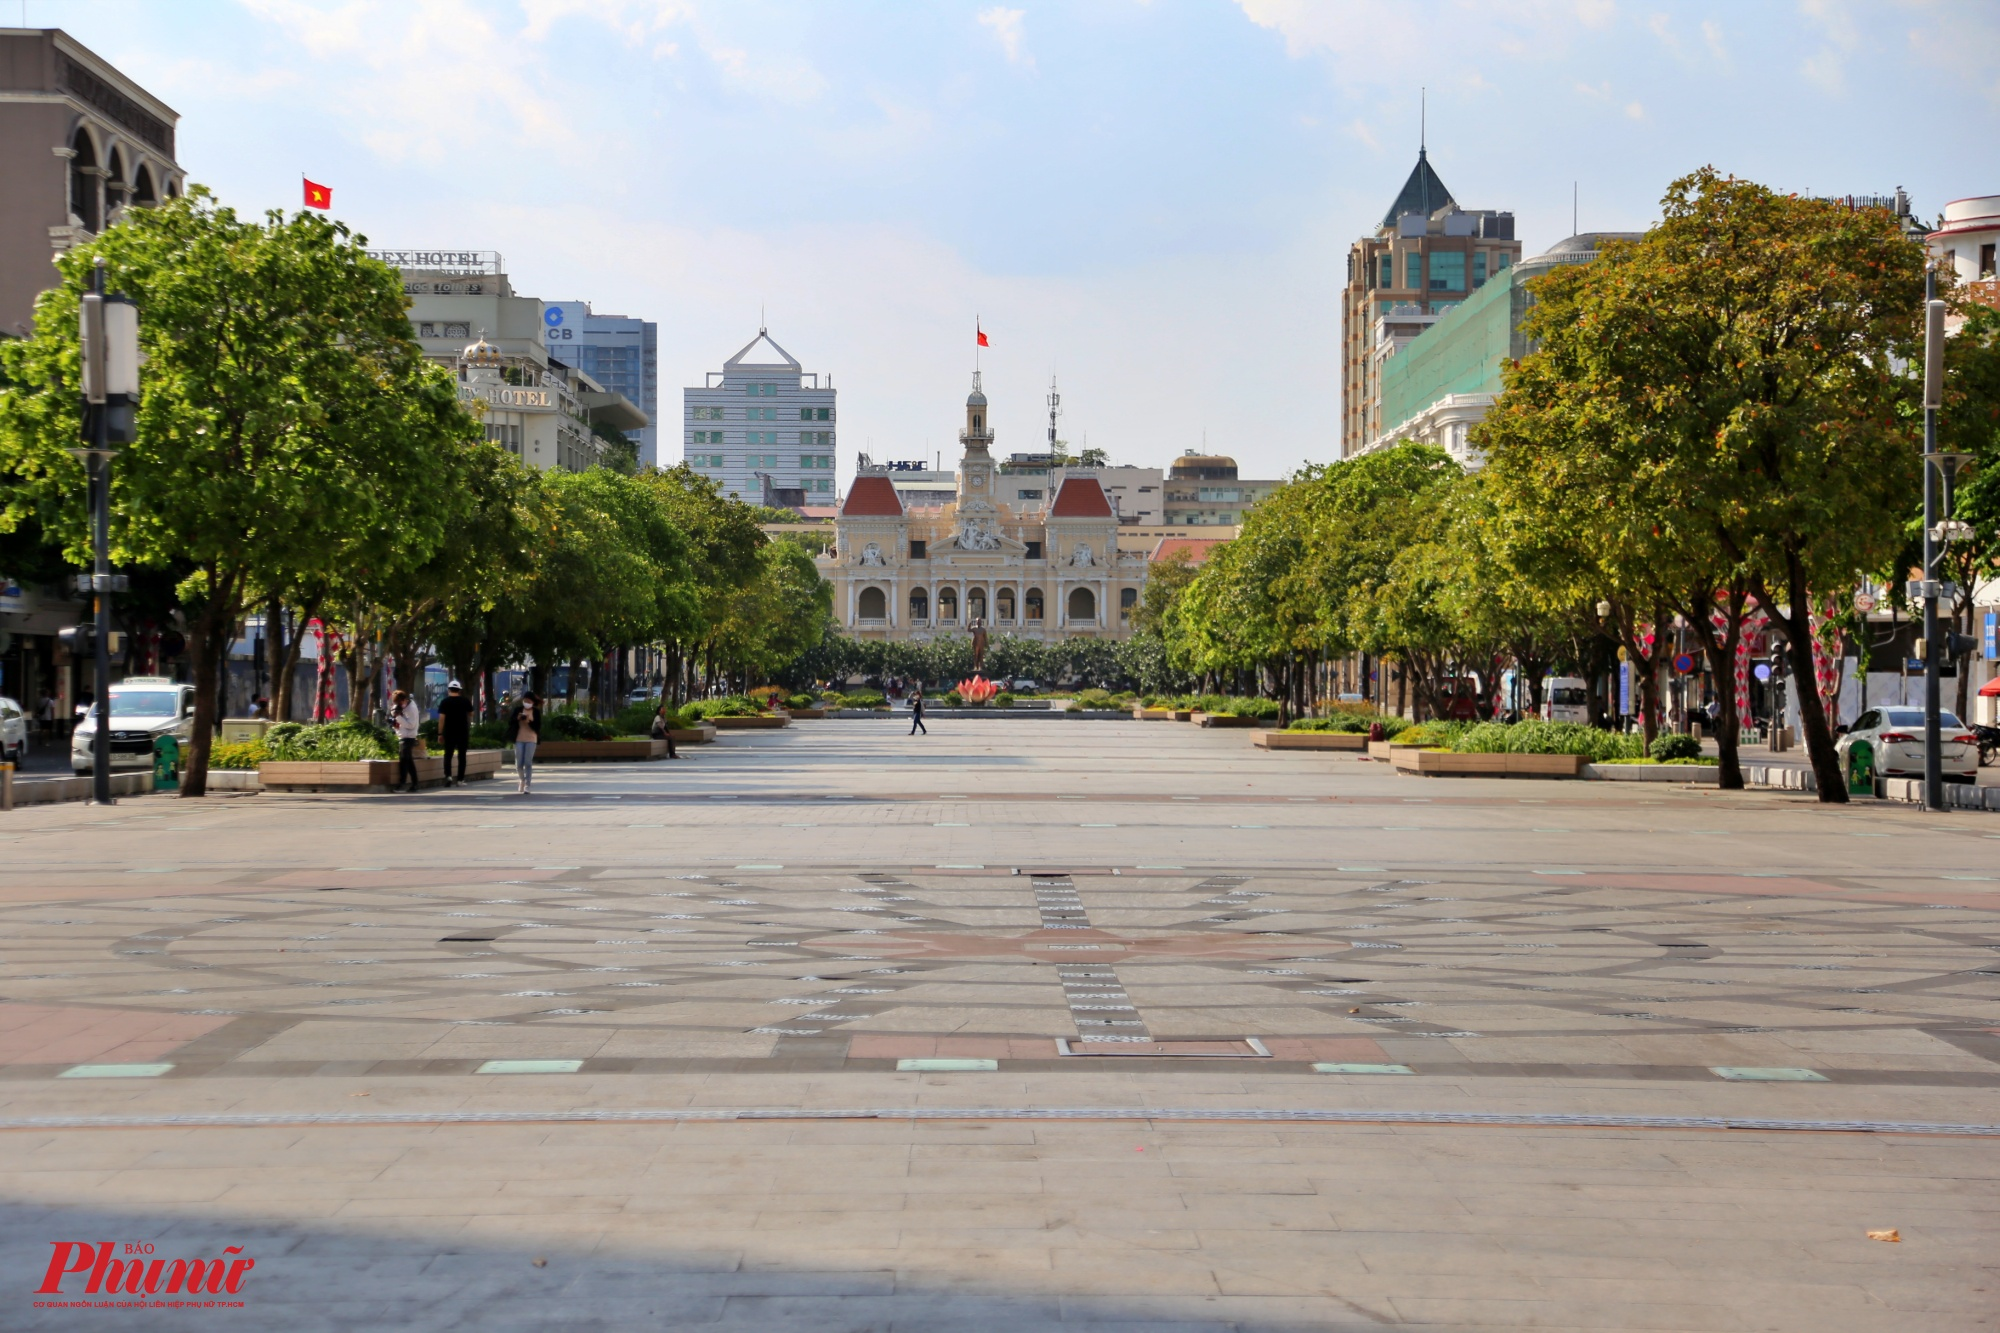 Khu vực đường đi bộ Nguyễn Huệ, đoạn trước UBND TPHCM ghi nhận vào lúc 16h chiều thì quang cảnh rất vắng vẻ, chỉ lát đát chỉ một vài người đi qua lại